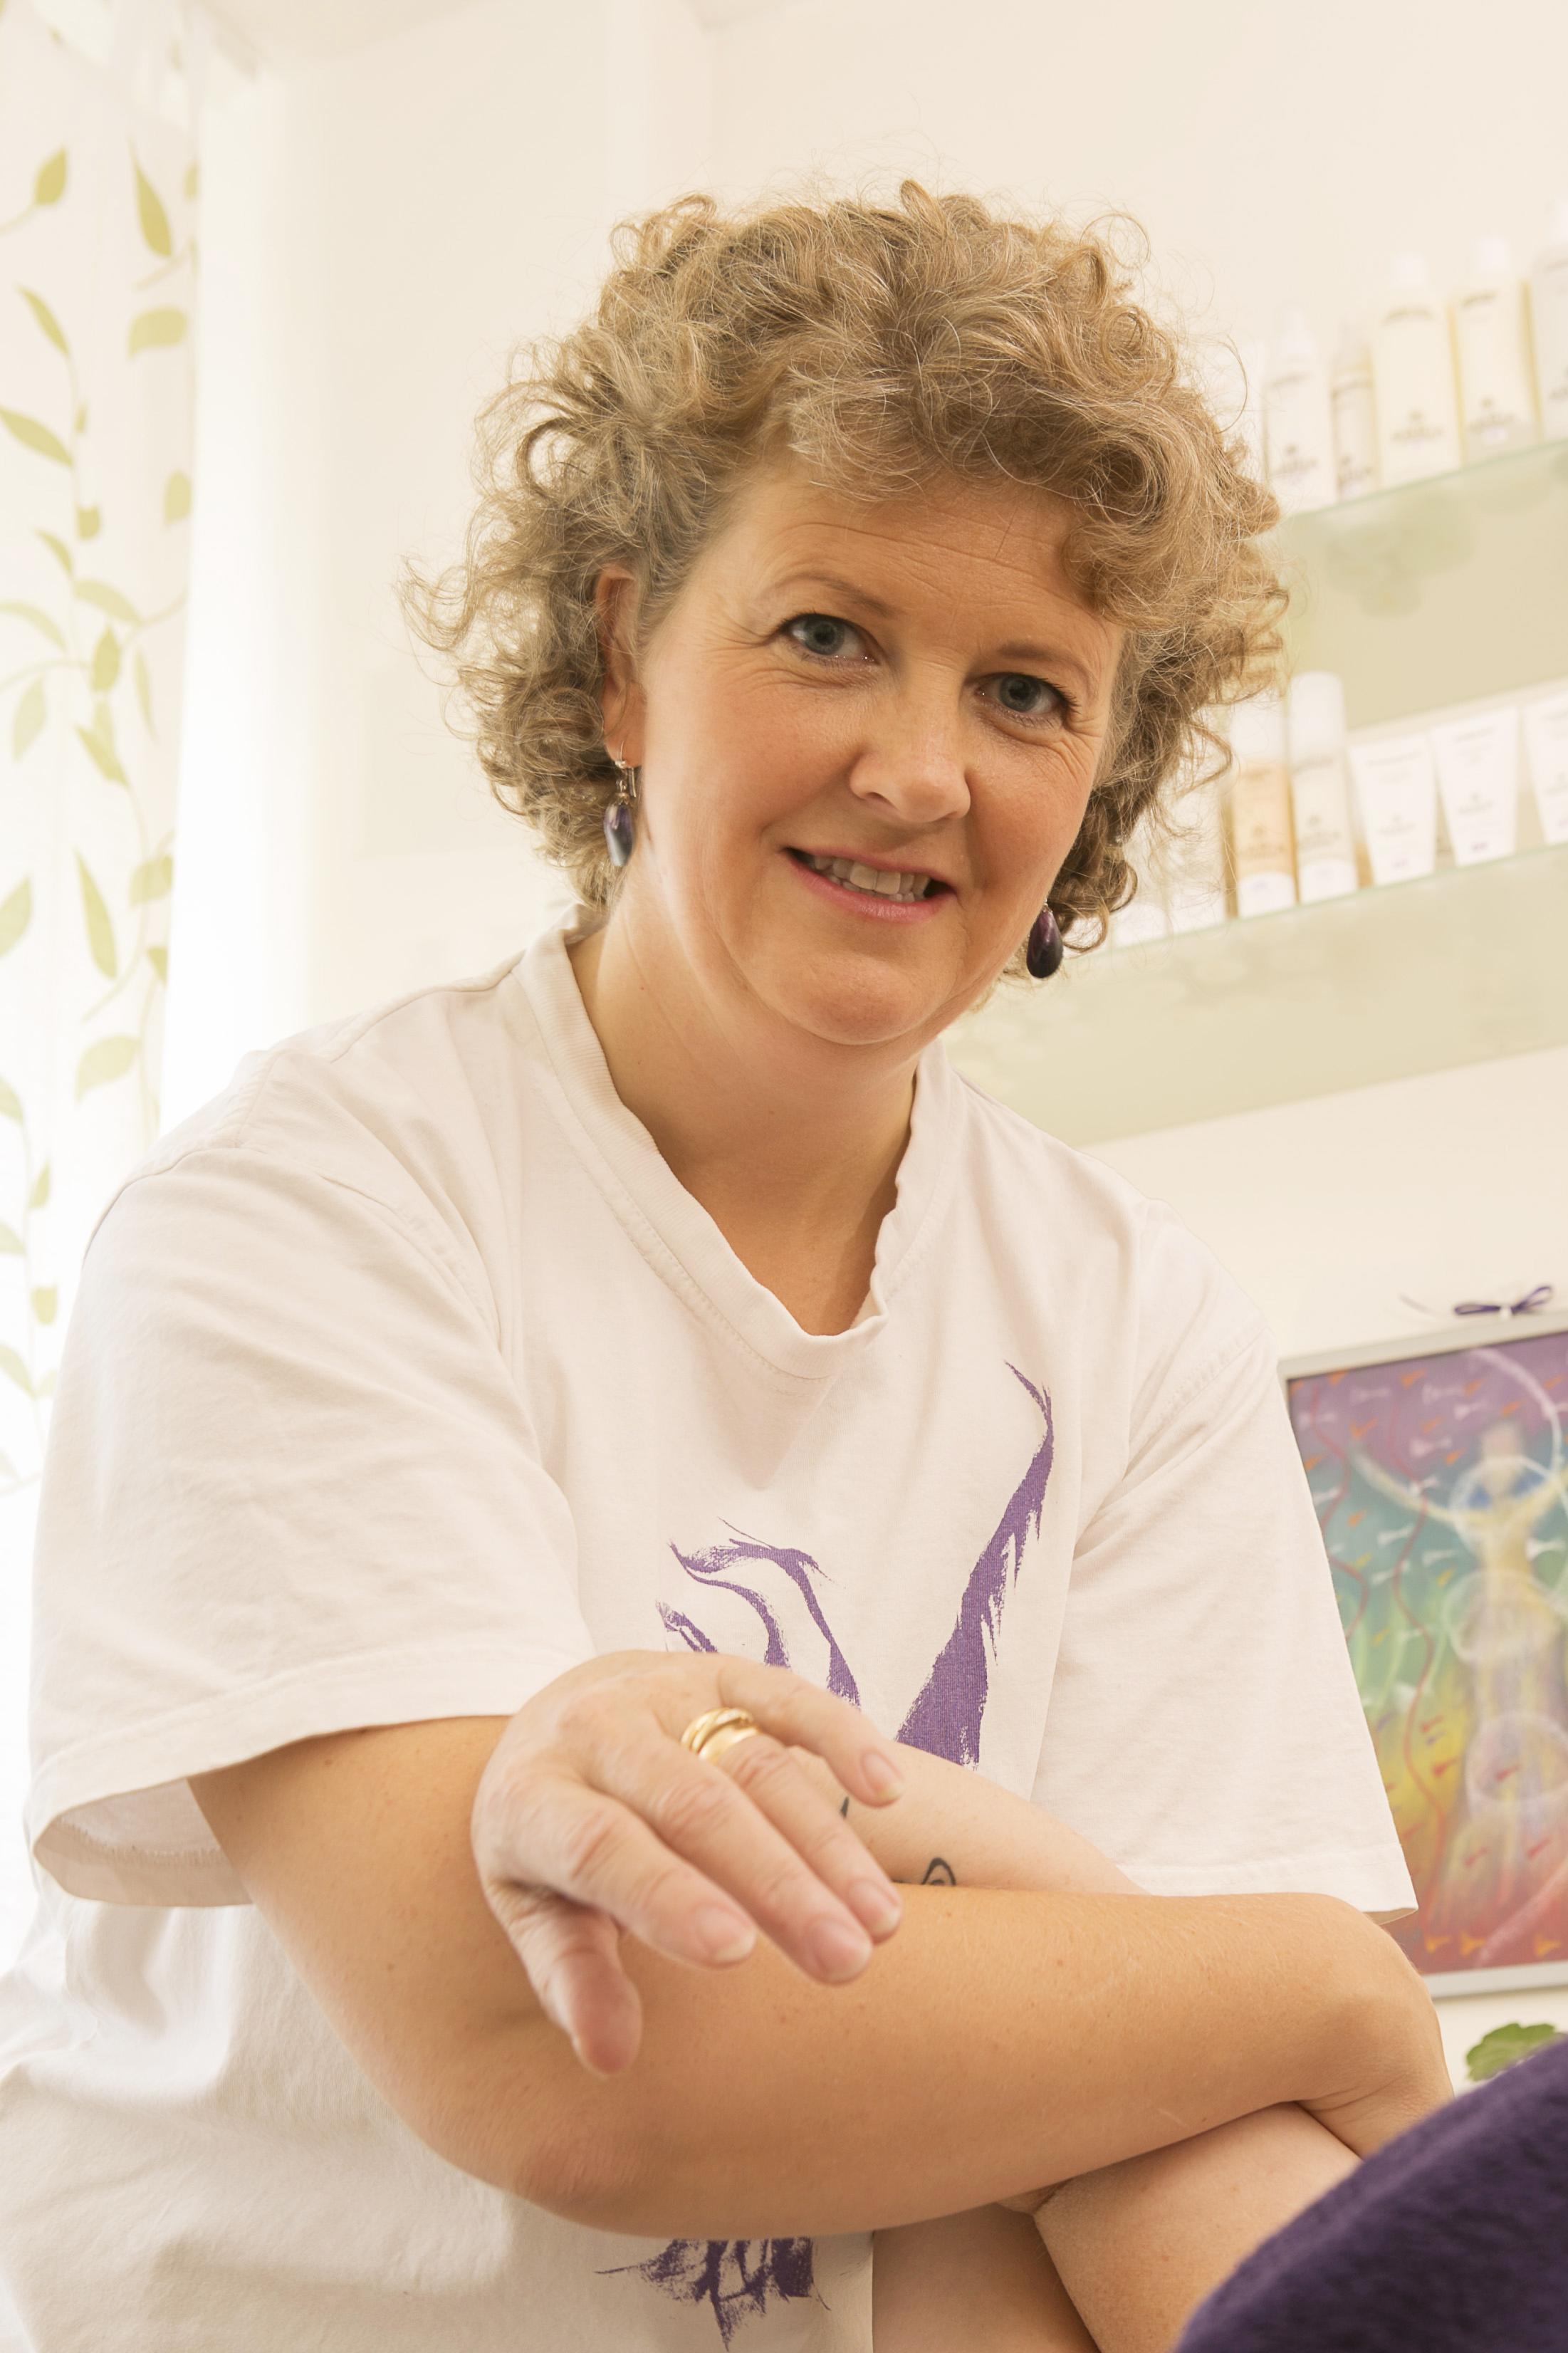 Eva Klingström Omtanken - massage & utbildning